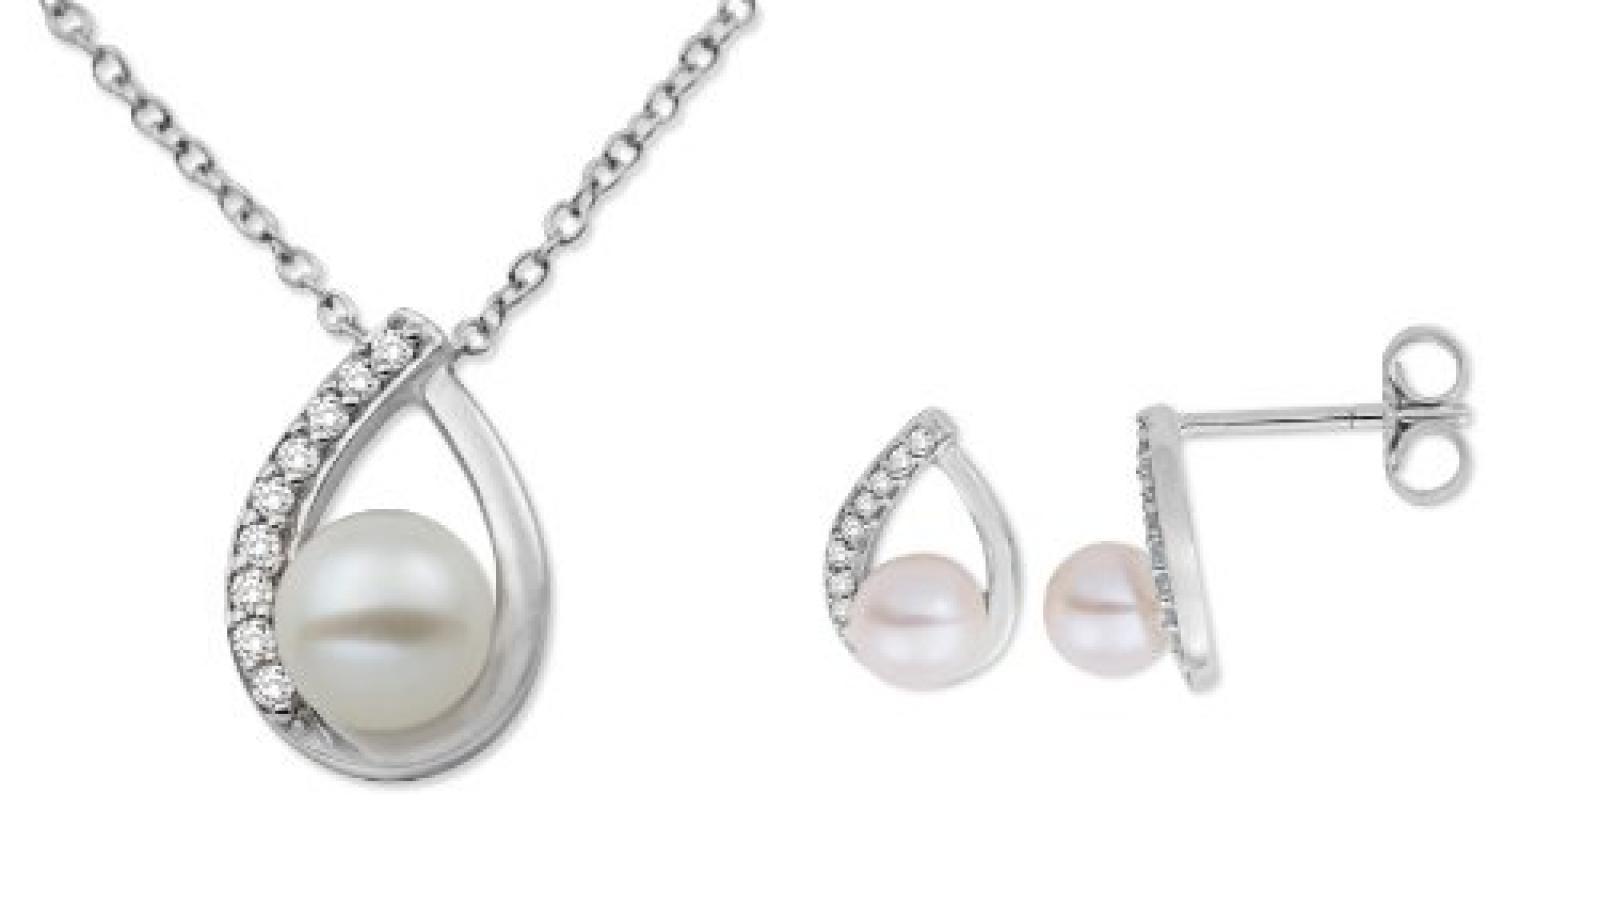 Miore Damen-Schmuckset Halskette + Ohrringe 375 Weißgold 3 Süßwasser-Zuchtperlen weiß 27 Diamanten farblos USP031W